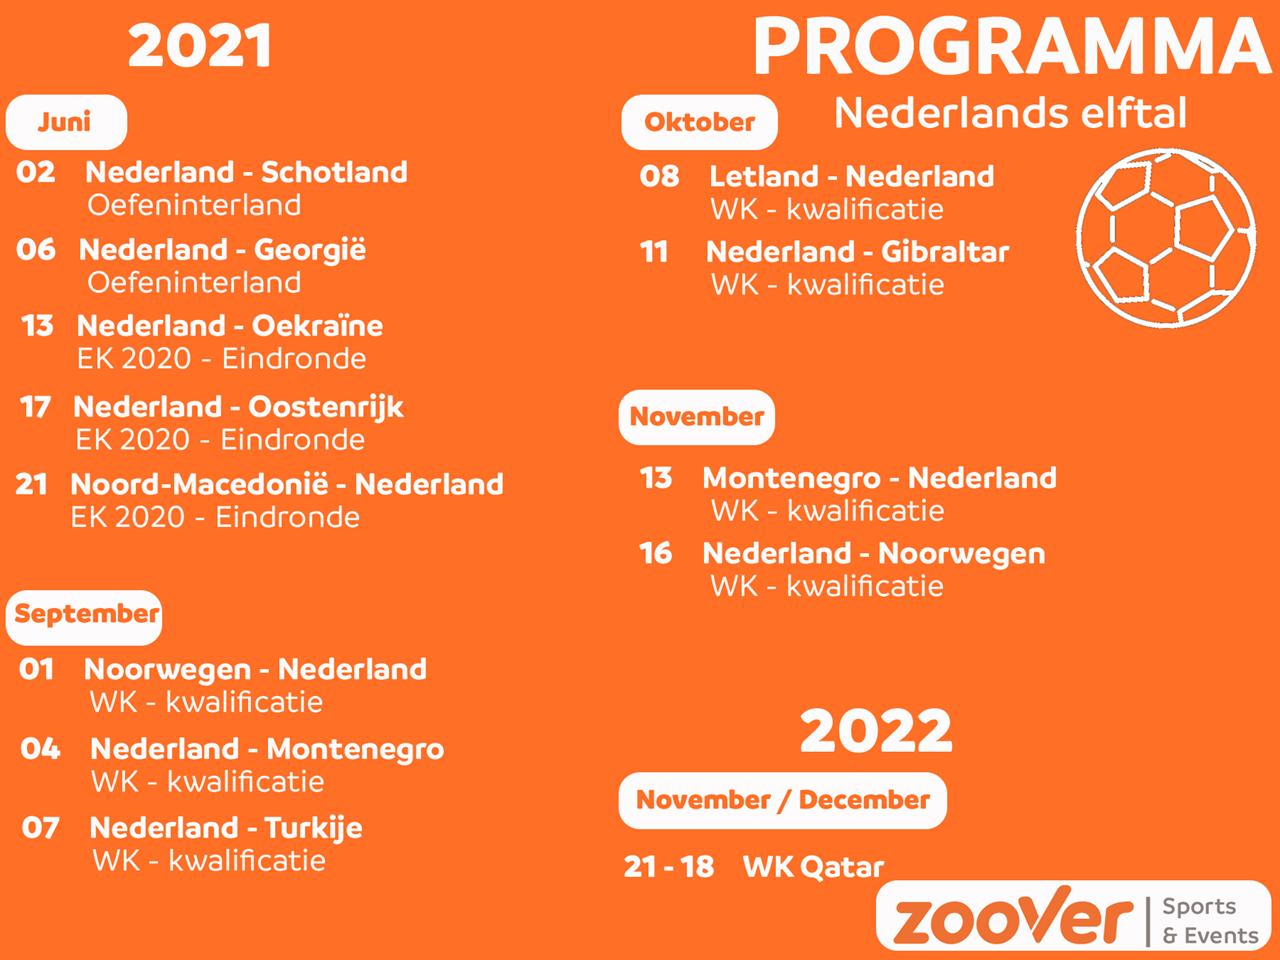 Programma-Nederlands-elftal-Zoover-Sports-Events-2021.png